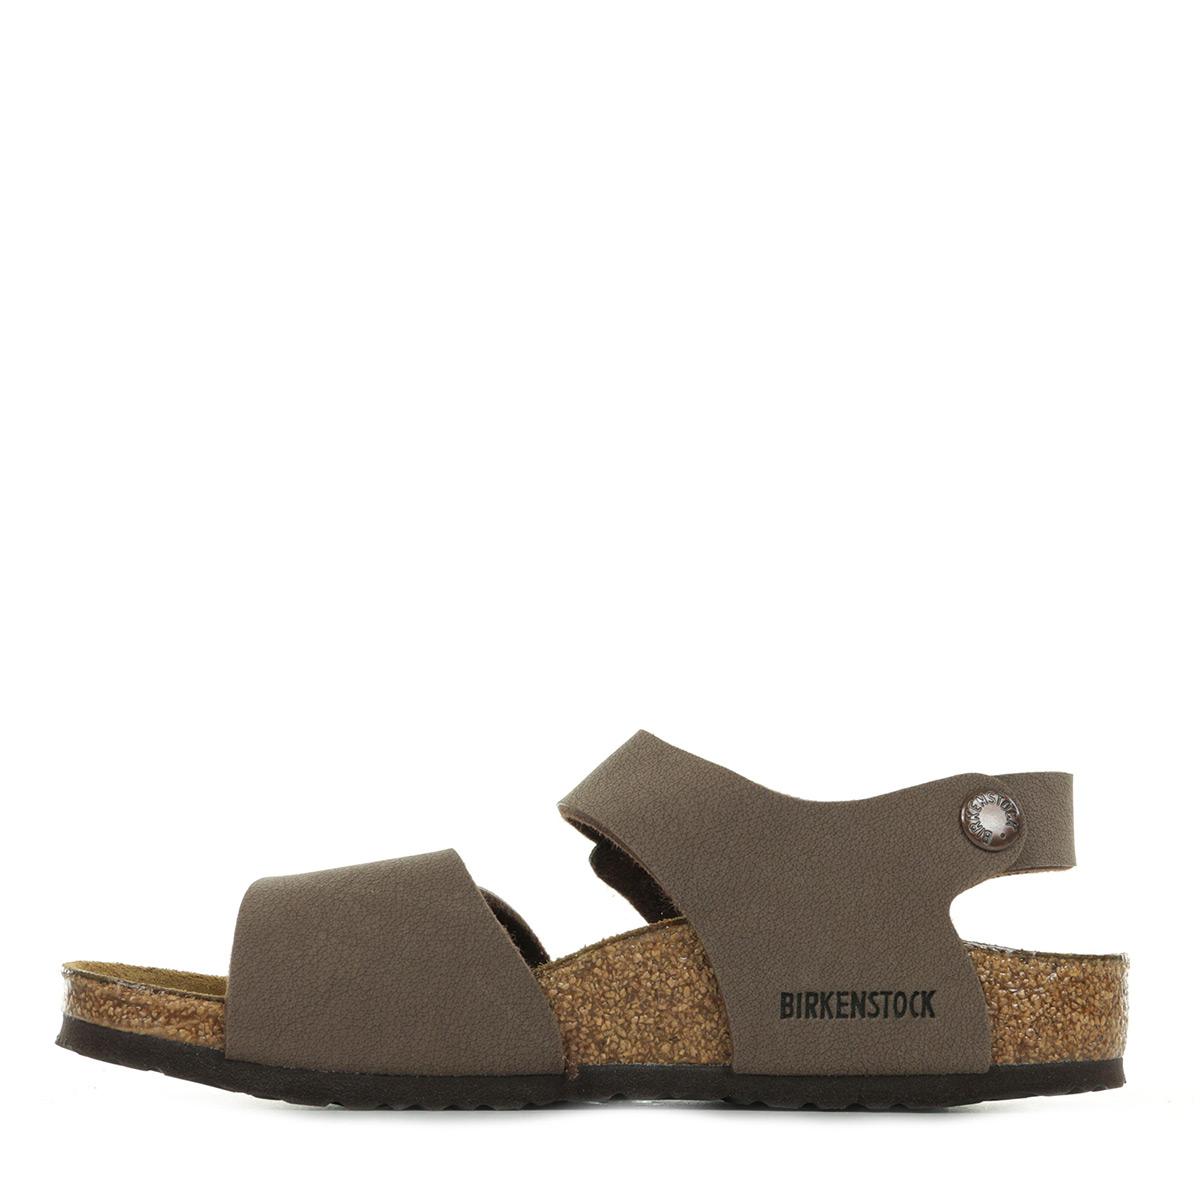 Birkenstock new york kinder 087783 sandales gar on for Birkenstock new york